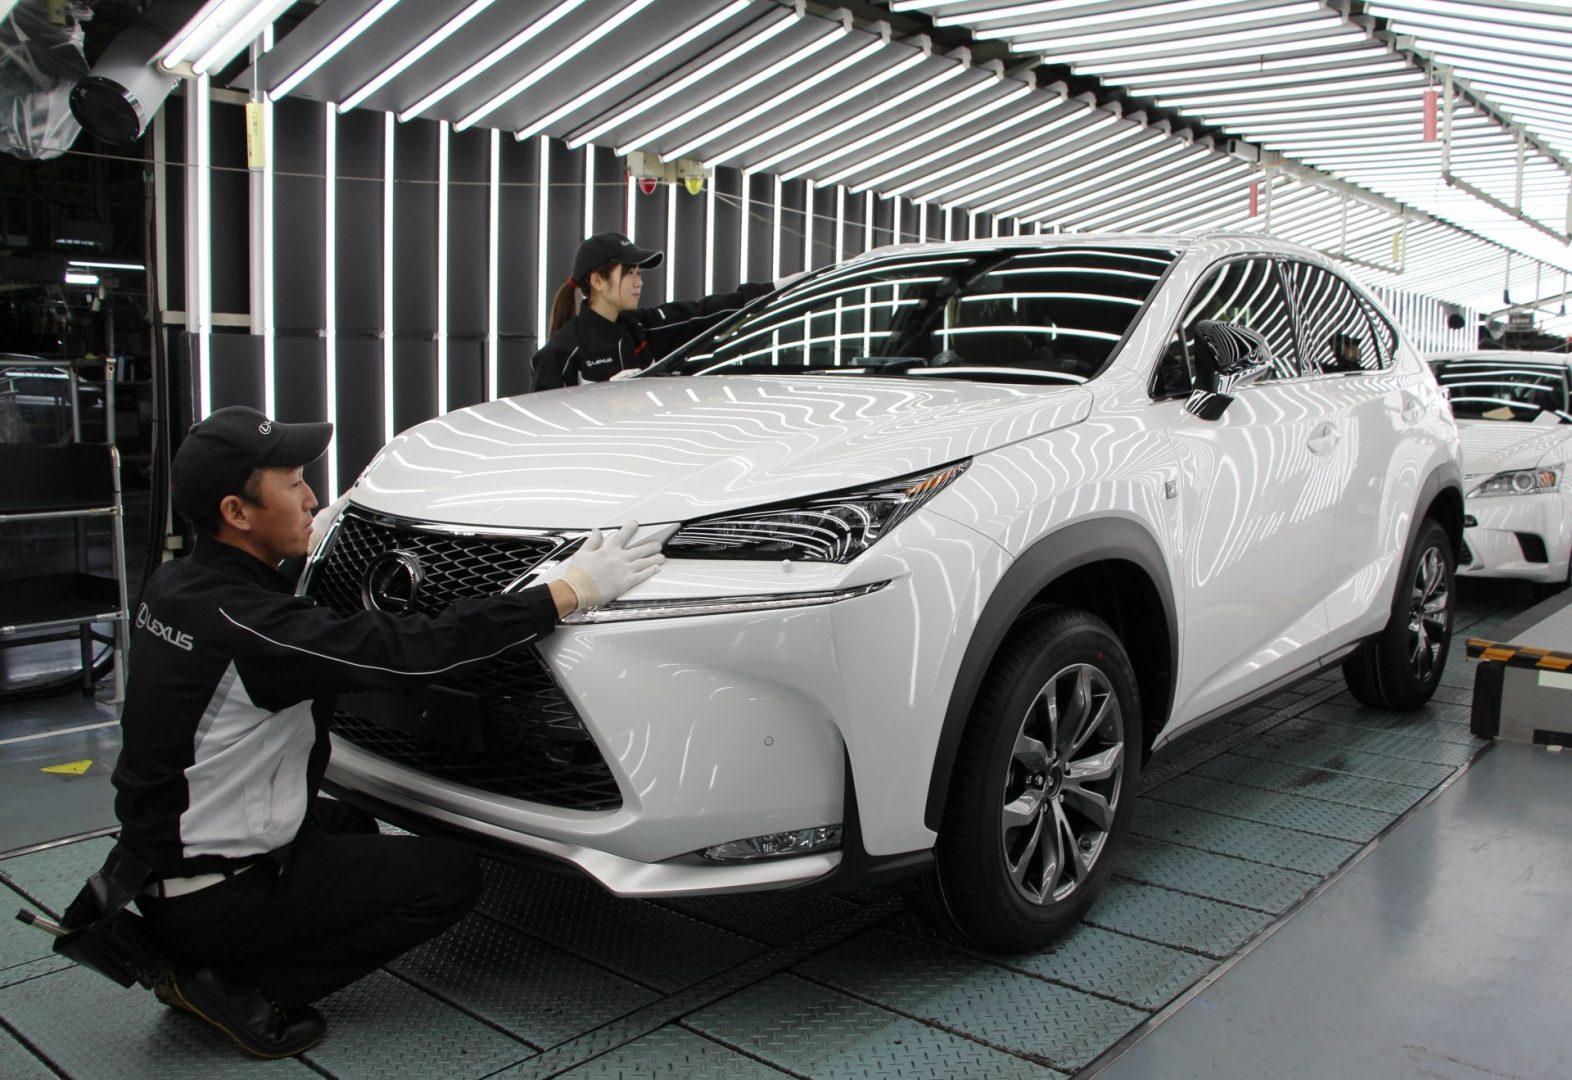 Europski potrošači ocijenili Lexus kao najpouzdaniju automobilsku marku